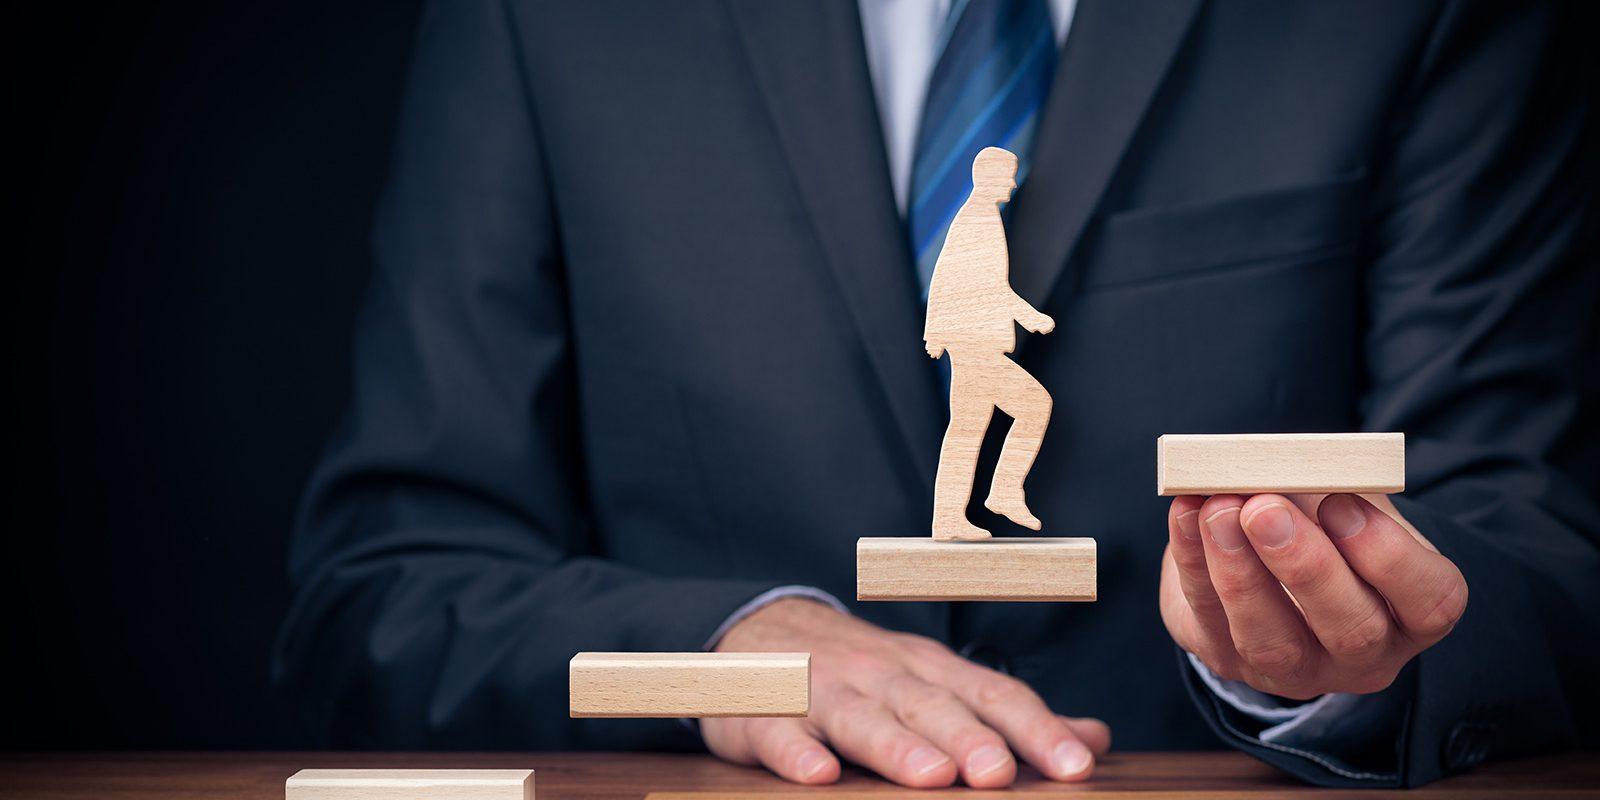 مهارتهای کارکنان را افزایش دهید